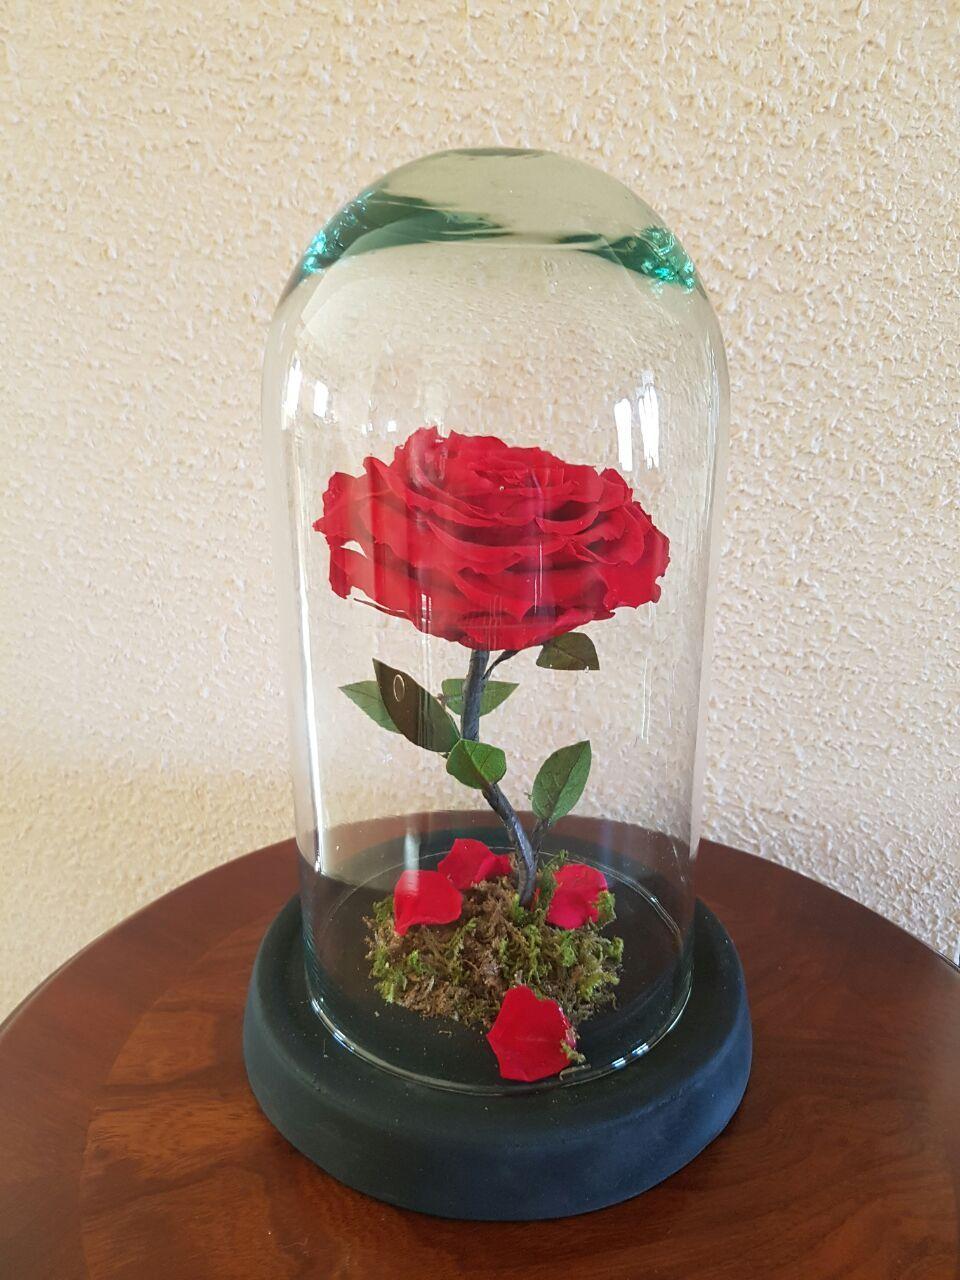 Reglale A Tu Bella Una Rosa Natural Eterna De La Bella Y La Bestia